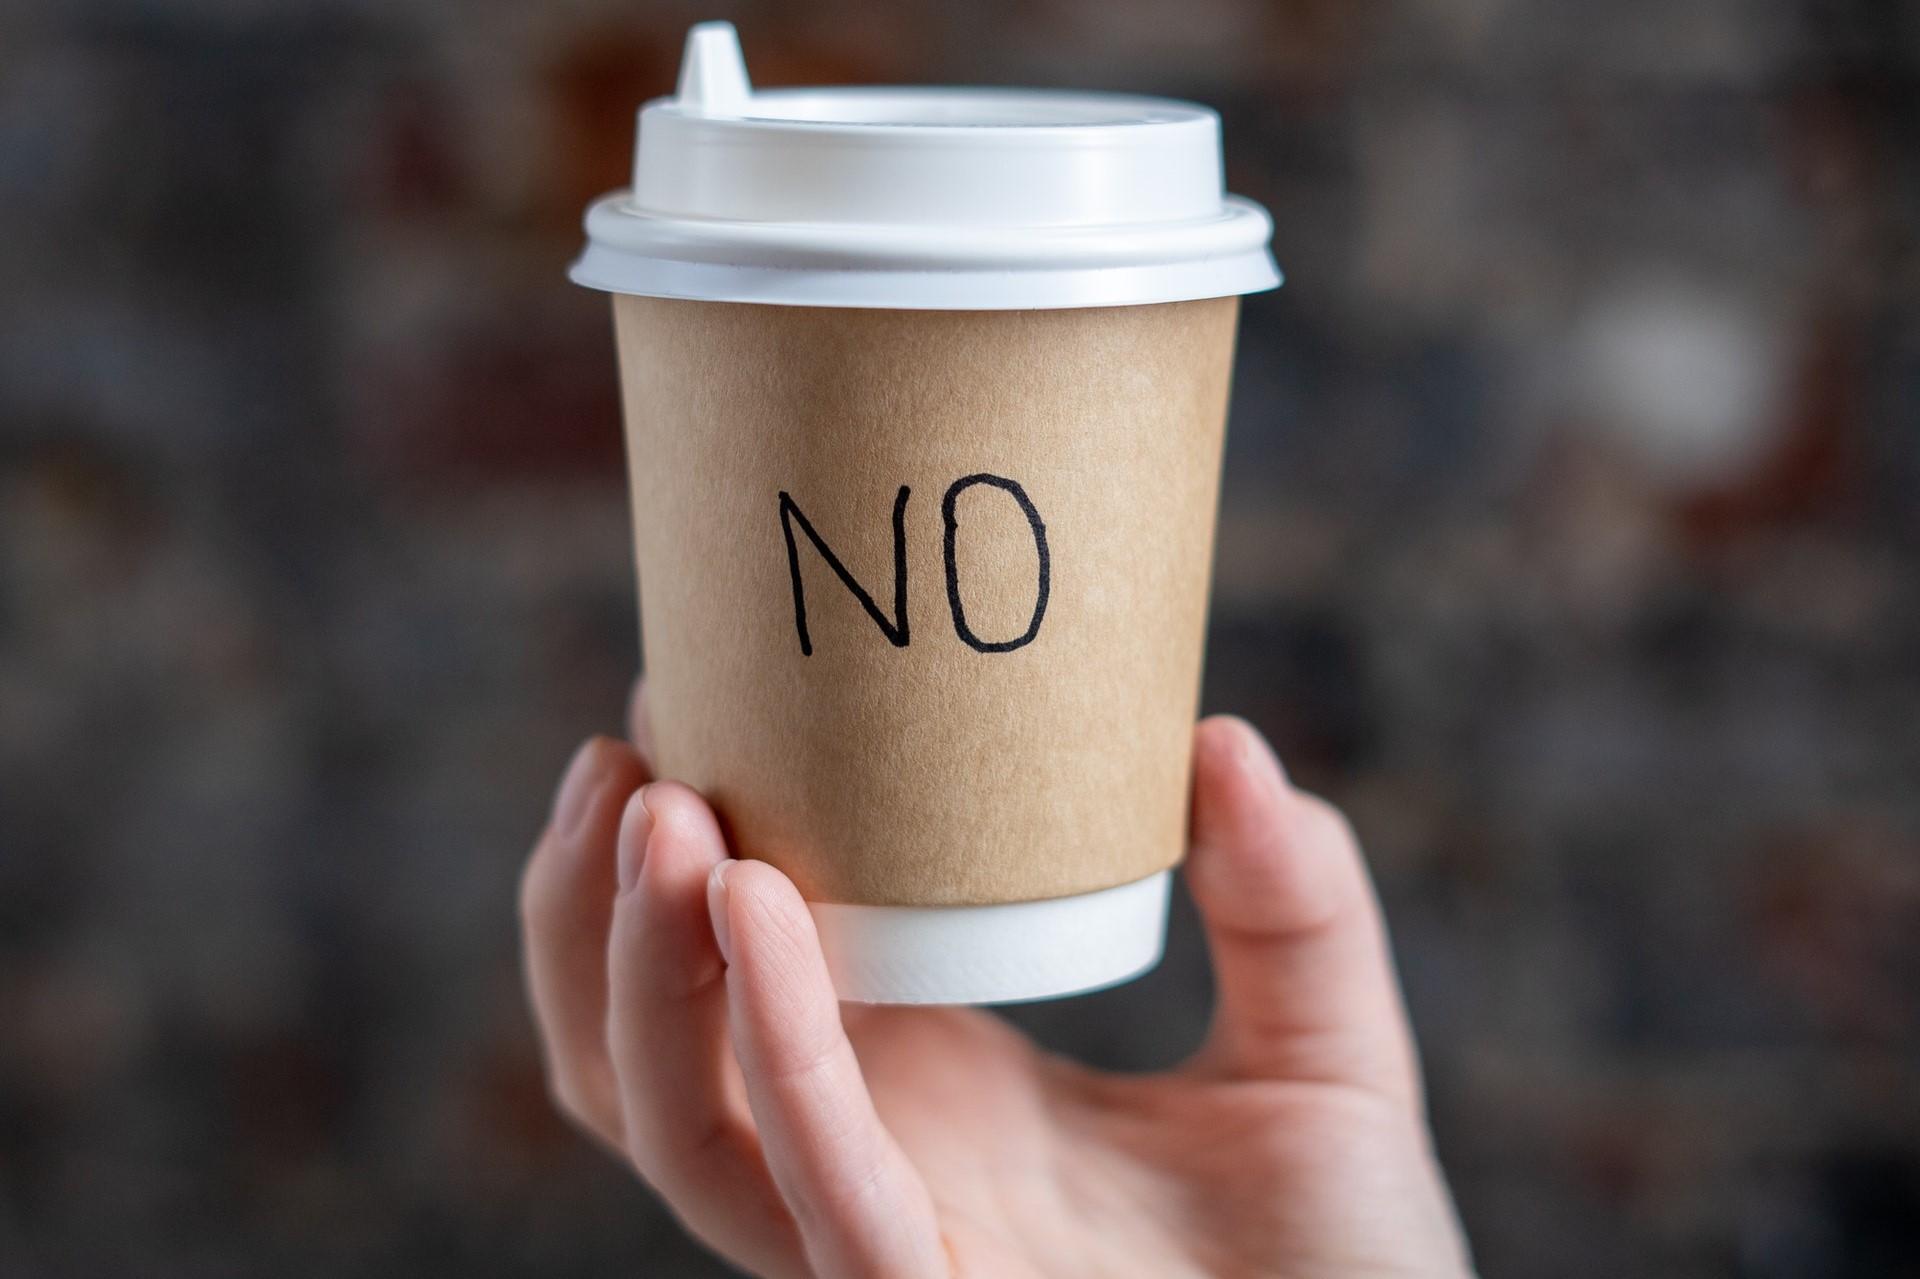 Nein sagen als Berater (Gastbeitrag)